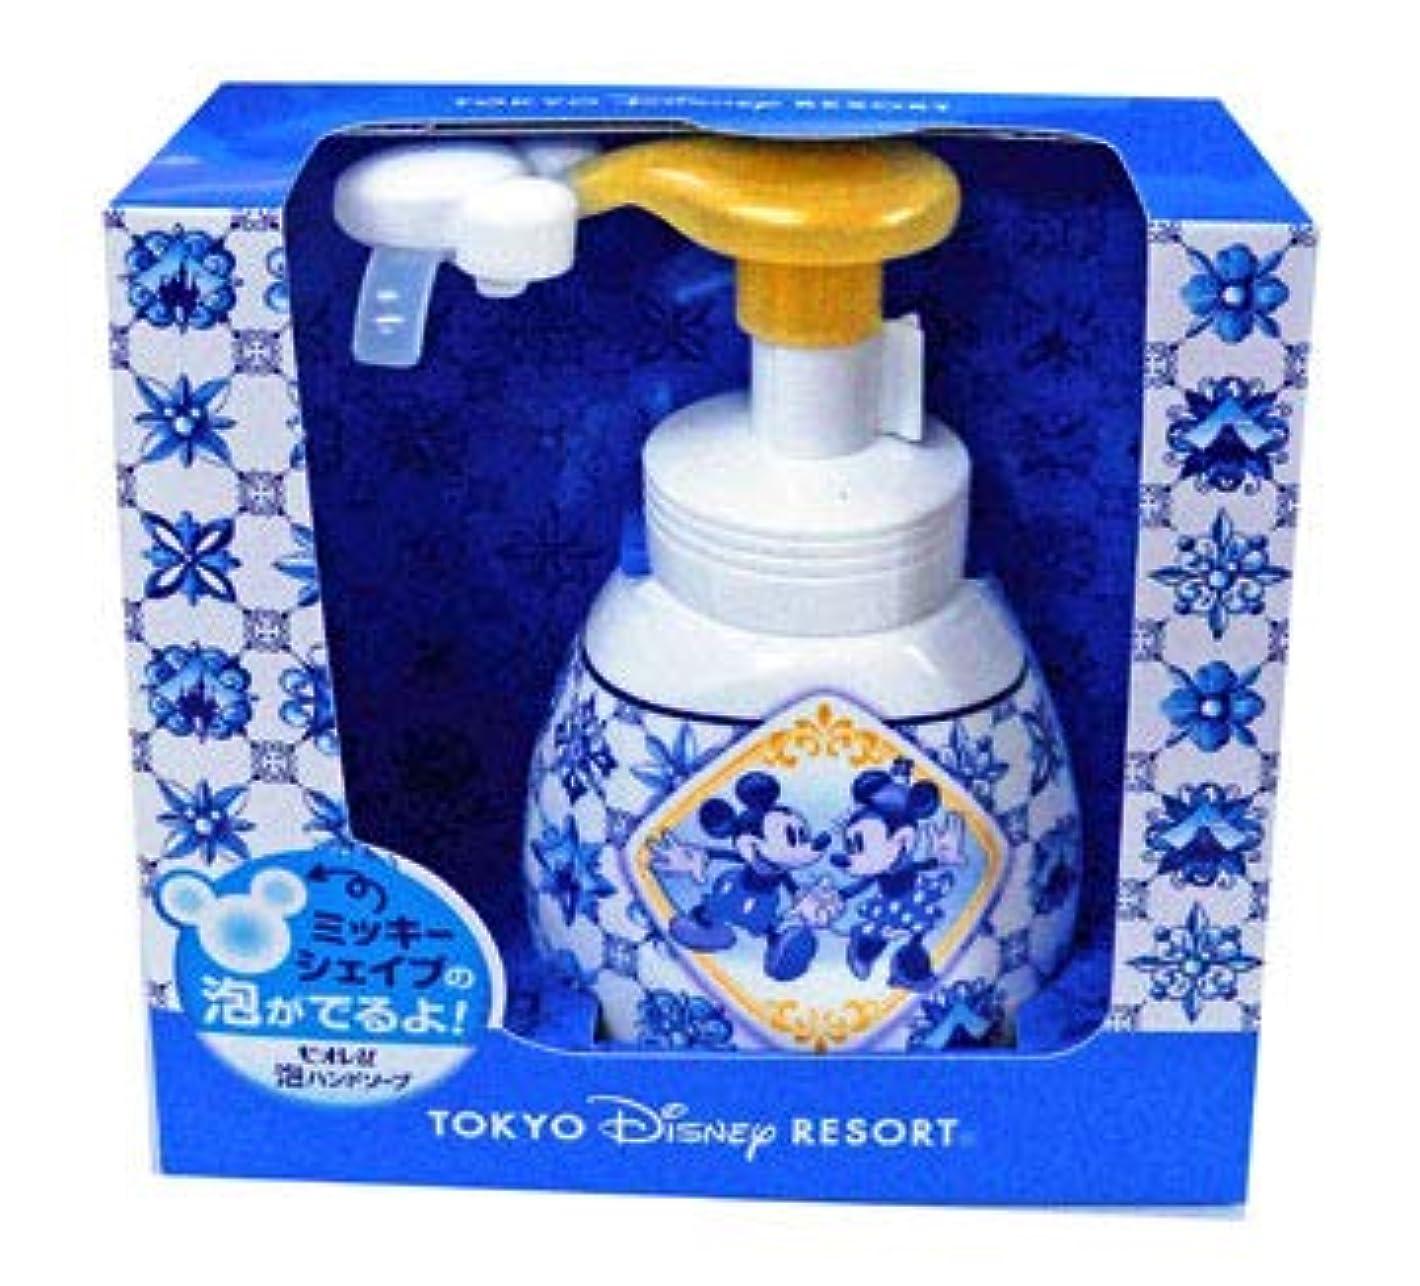 動物爪非アクティブ泡ハンドソープ(新デザイン) 東京ディズニーリゾート ミッキーとミニー柄  おみやげ